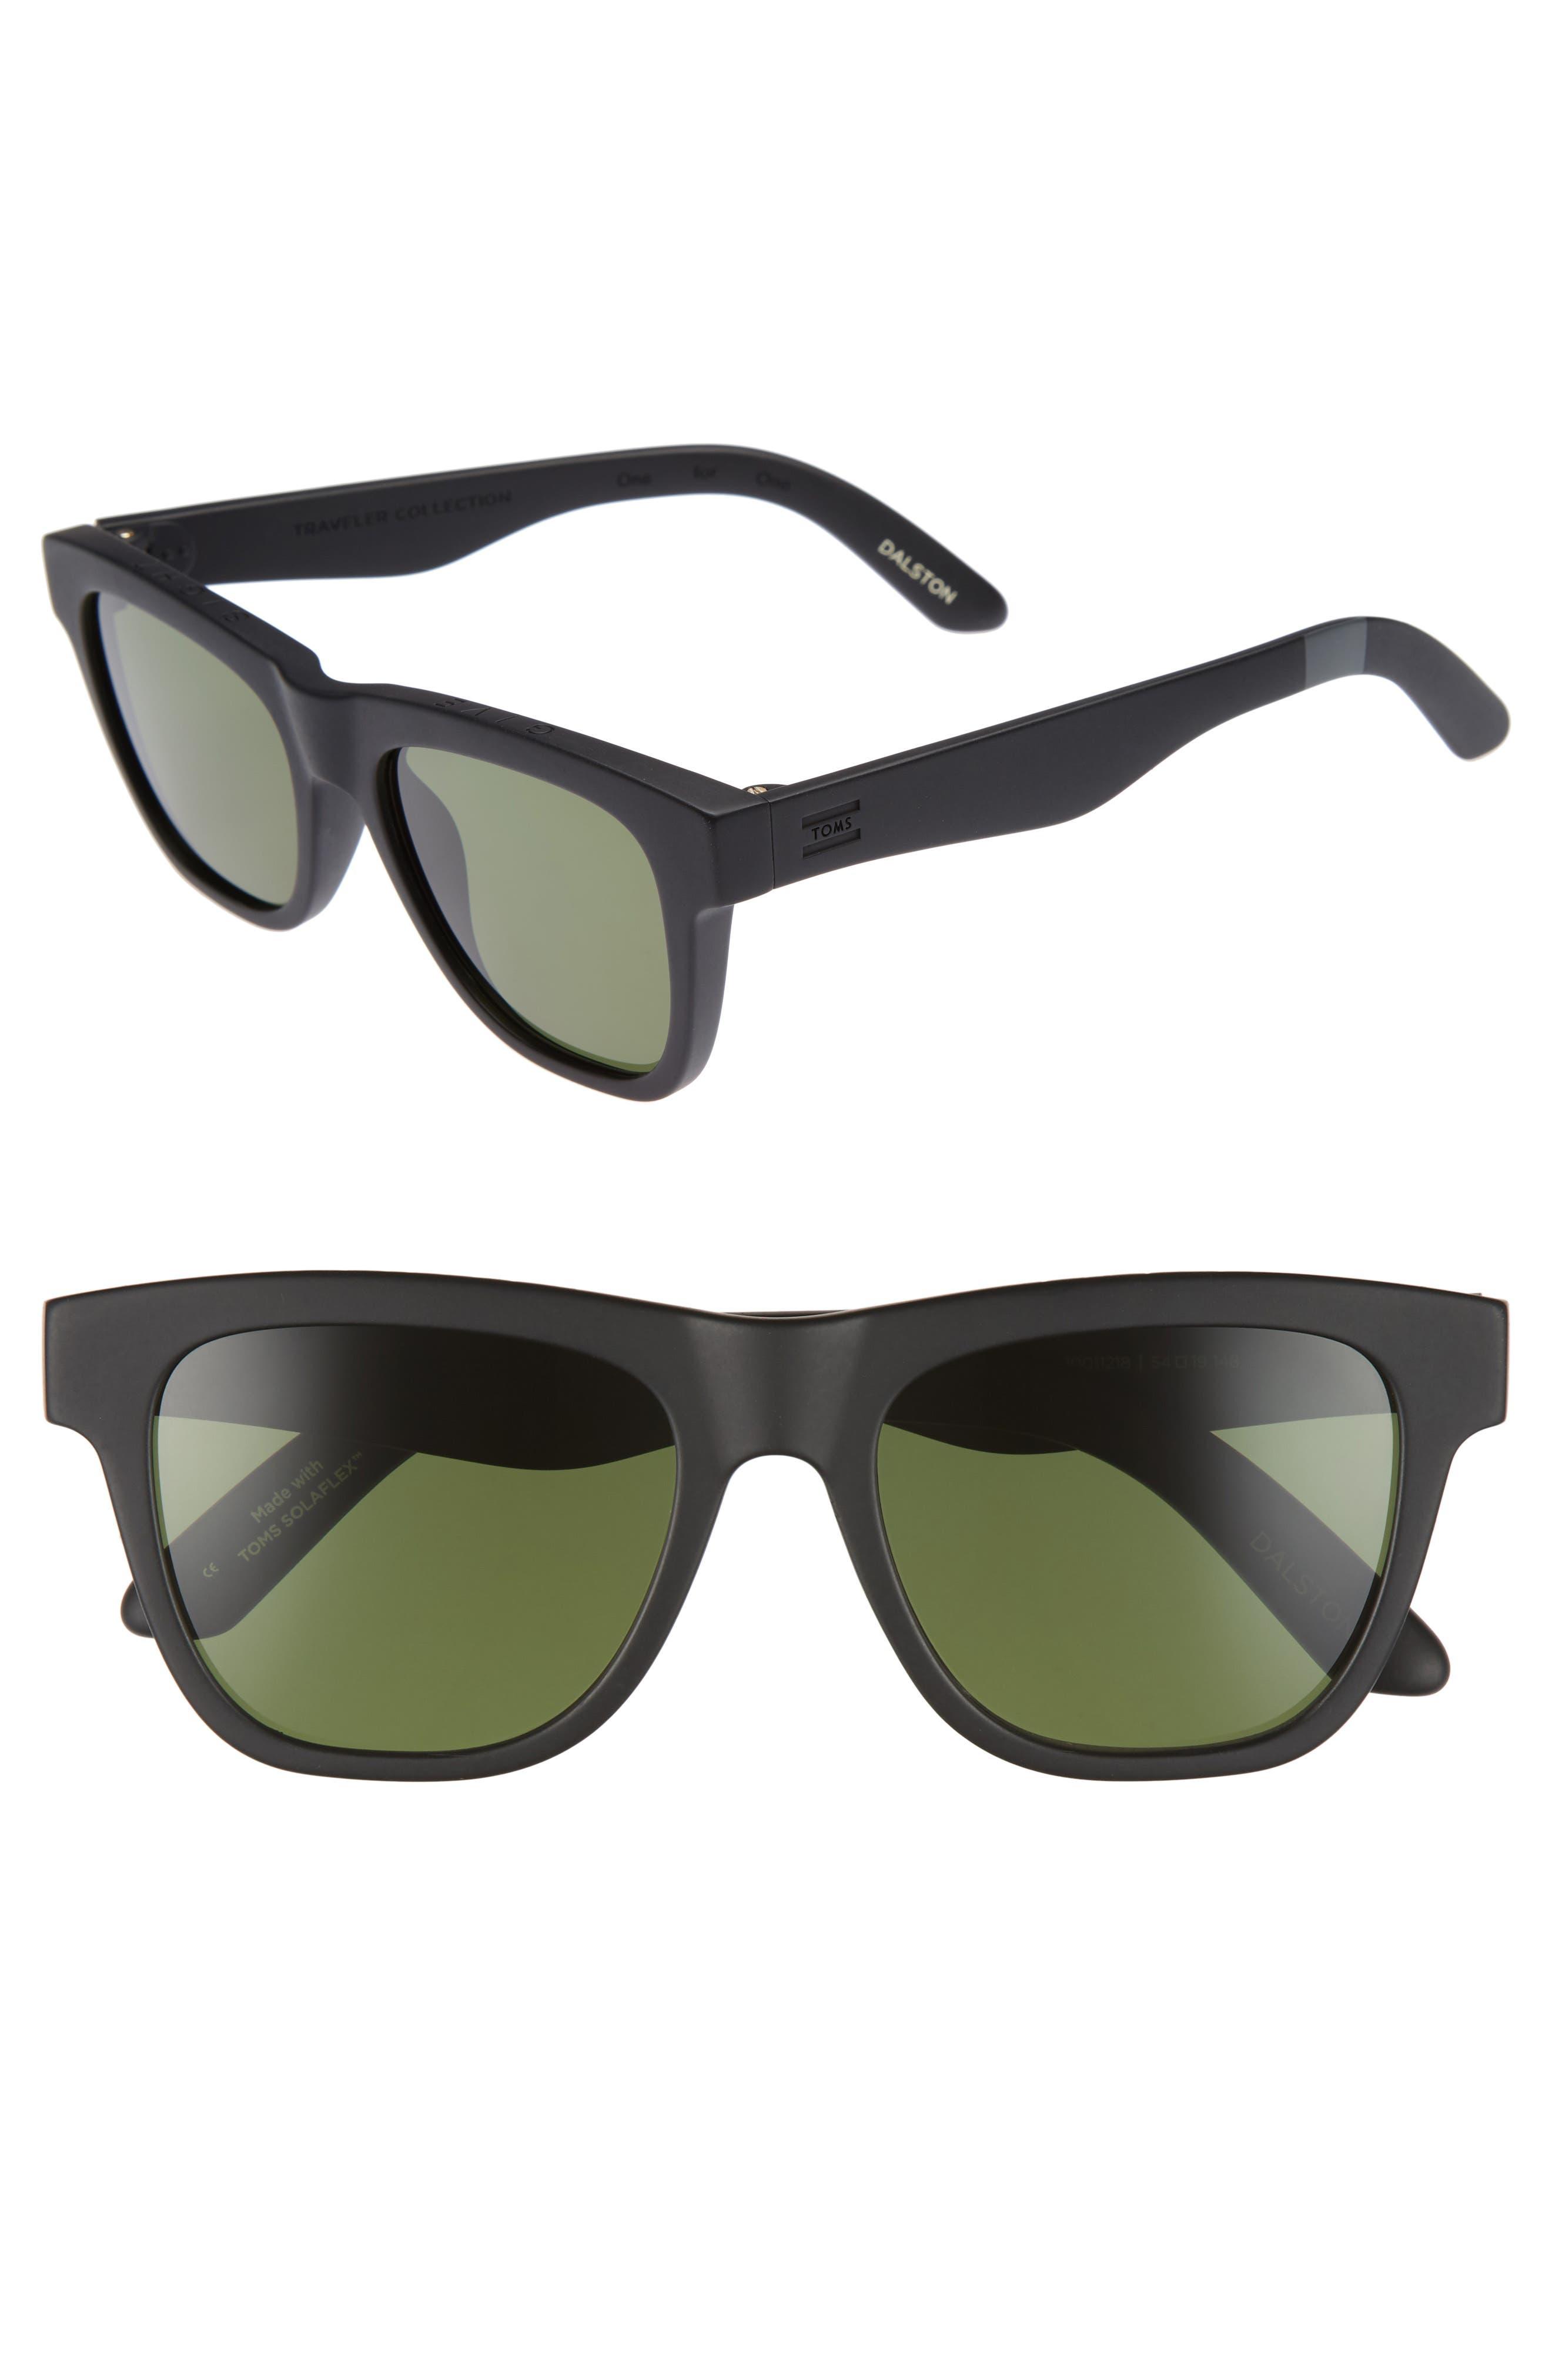 Dalston 54mm Polarized Sunglasses,                             Main thumbnail 1, color,                             MATTE BLACK POLAR